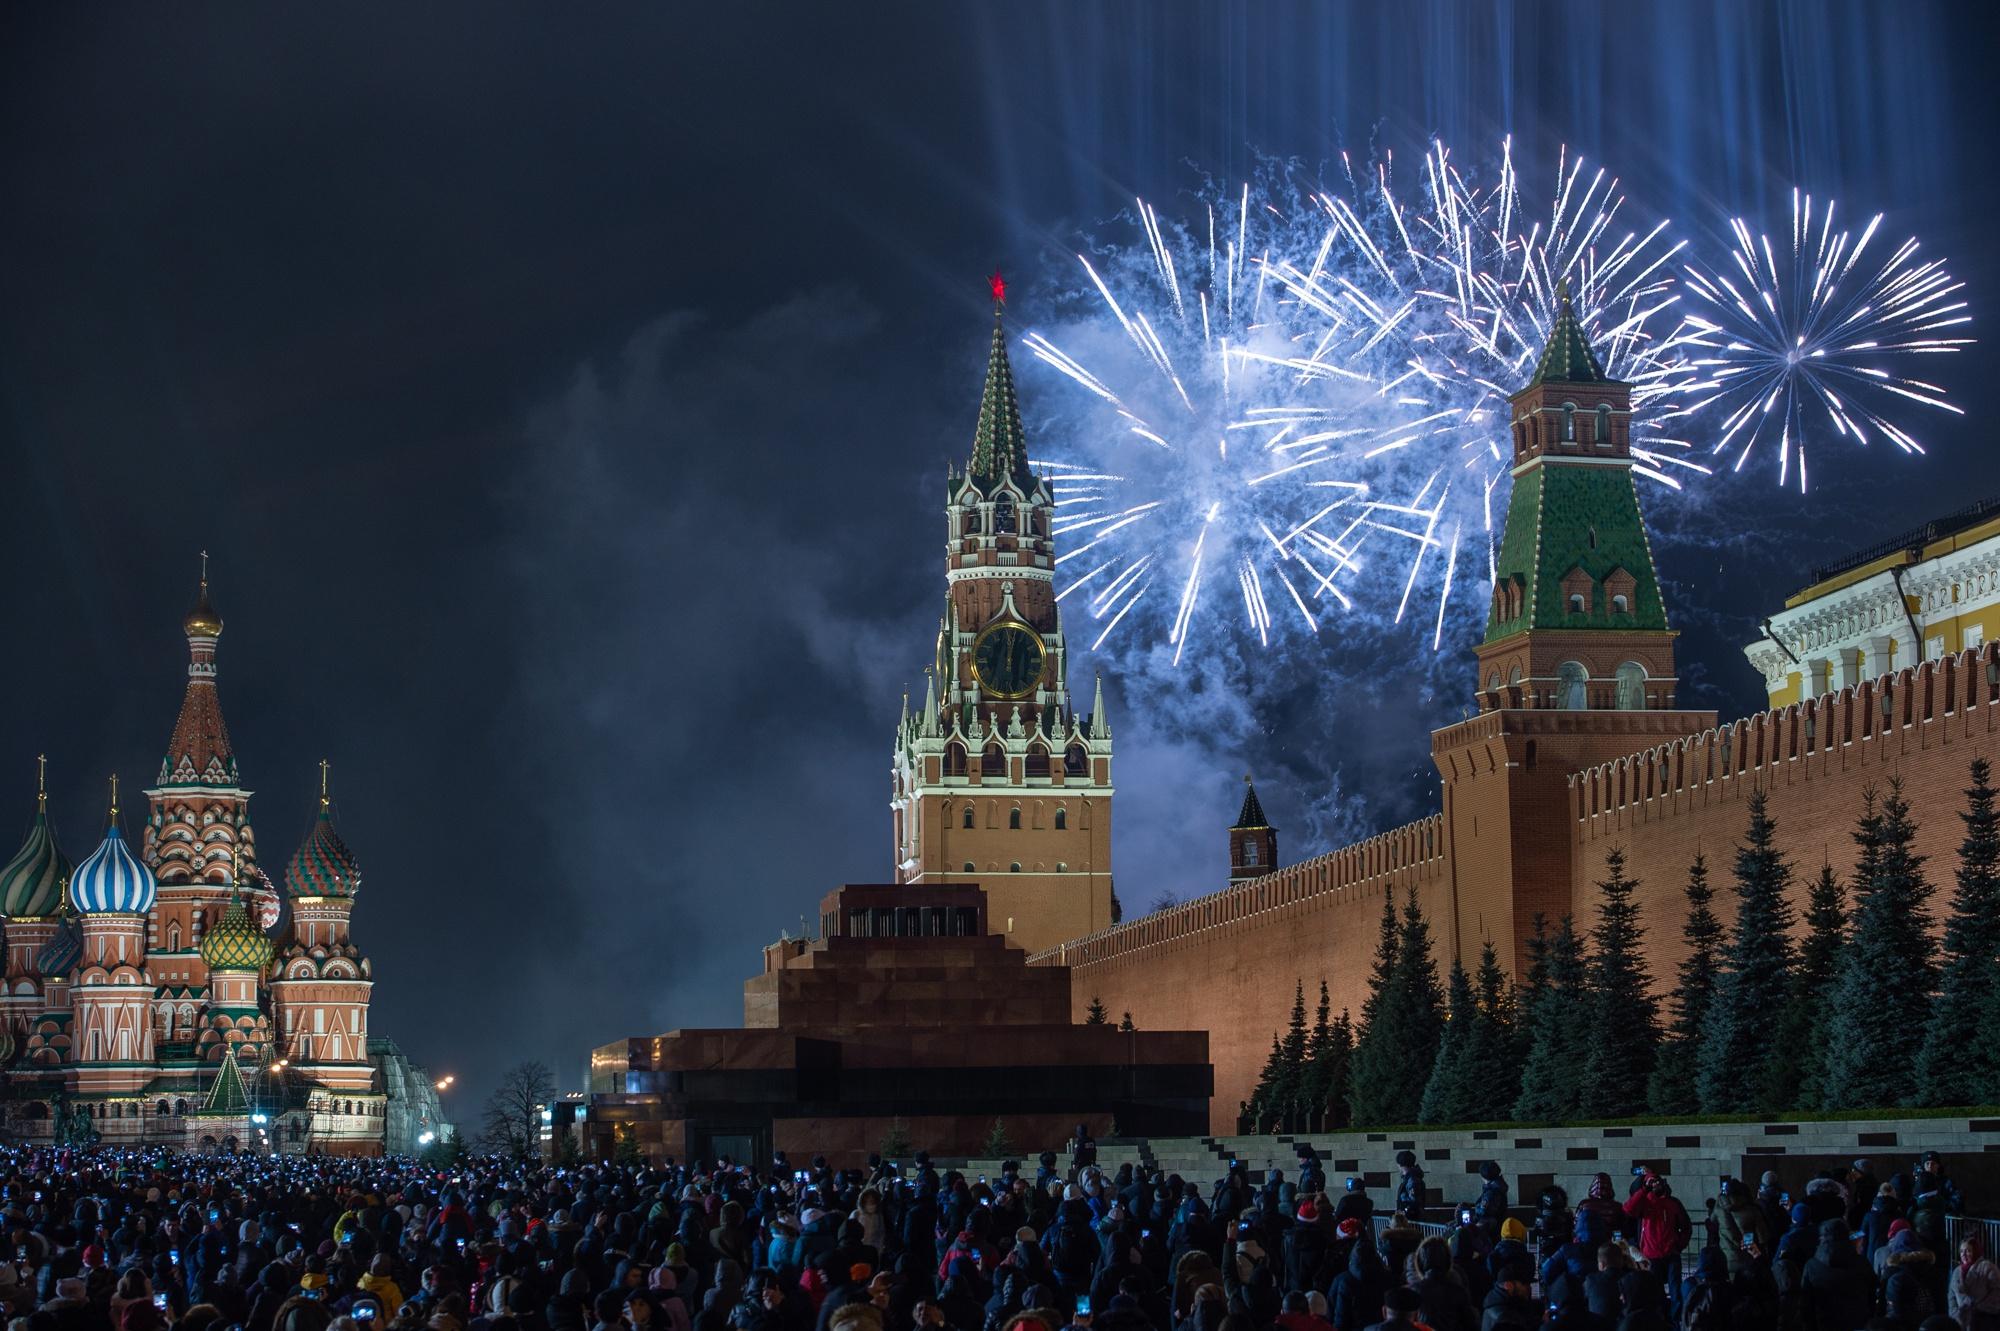 Небо Москвы в новогоднюю ночь озарили 50 тысяч залпов салюта.